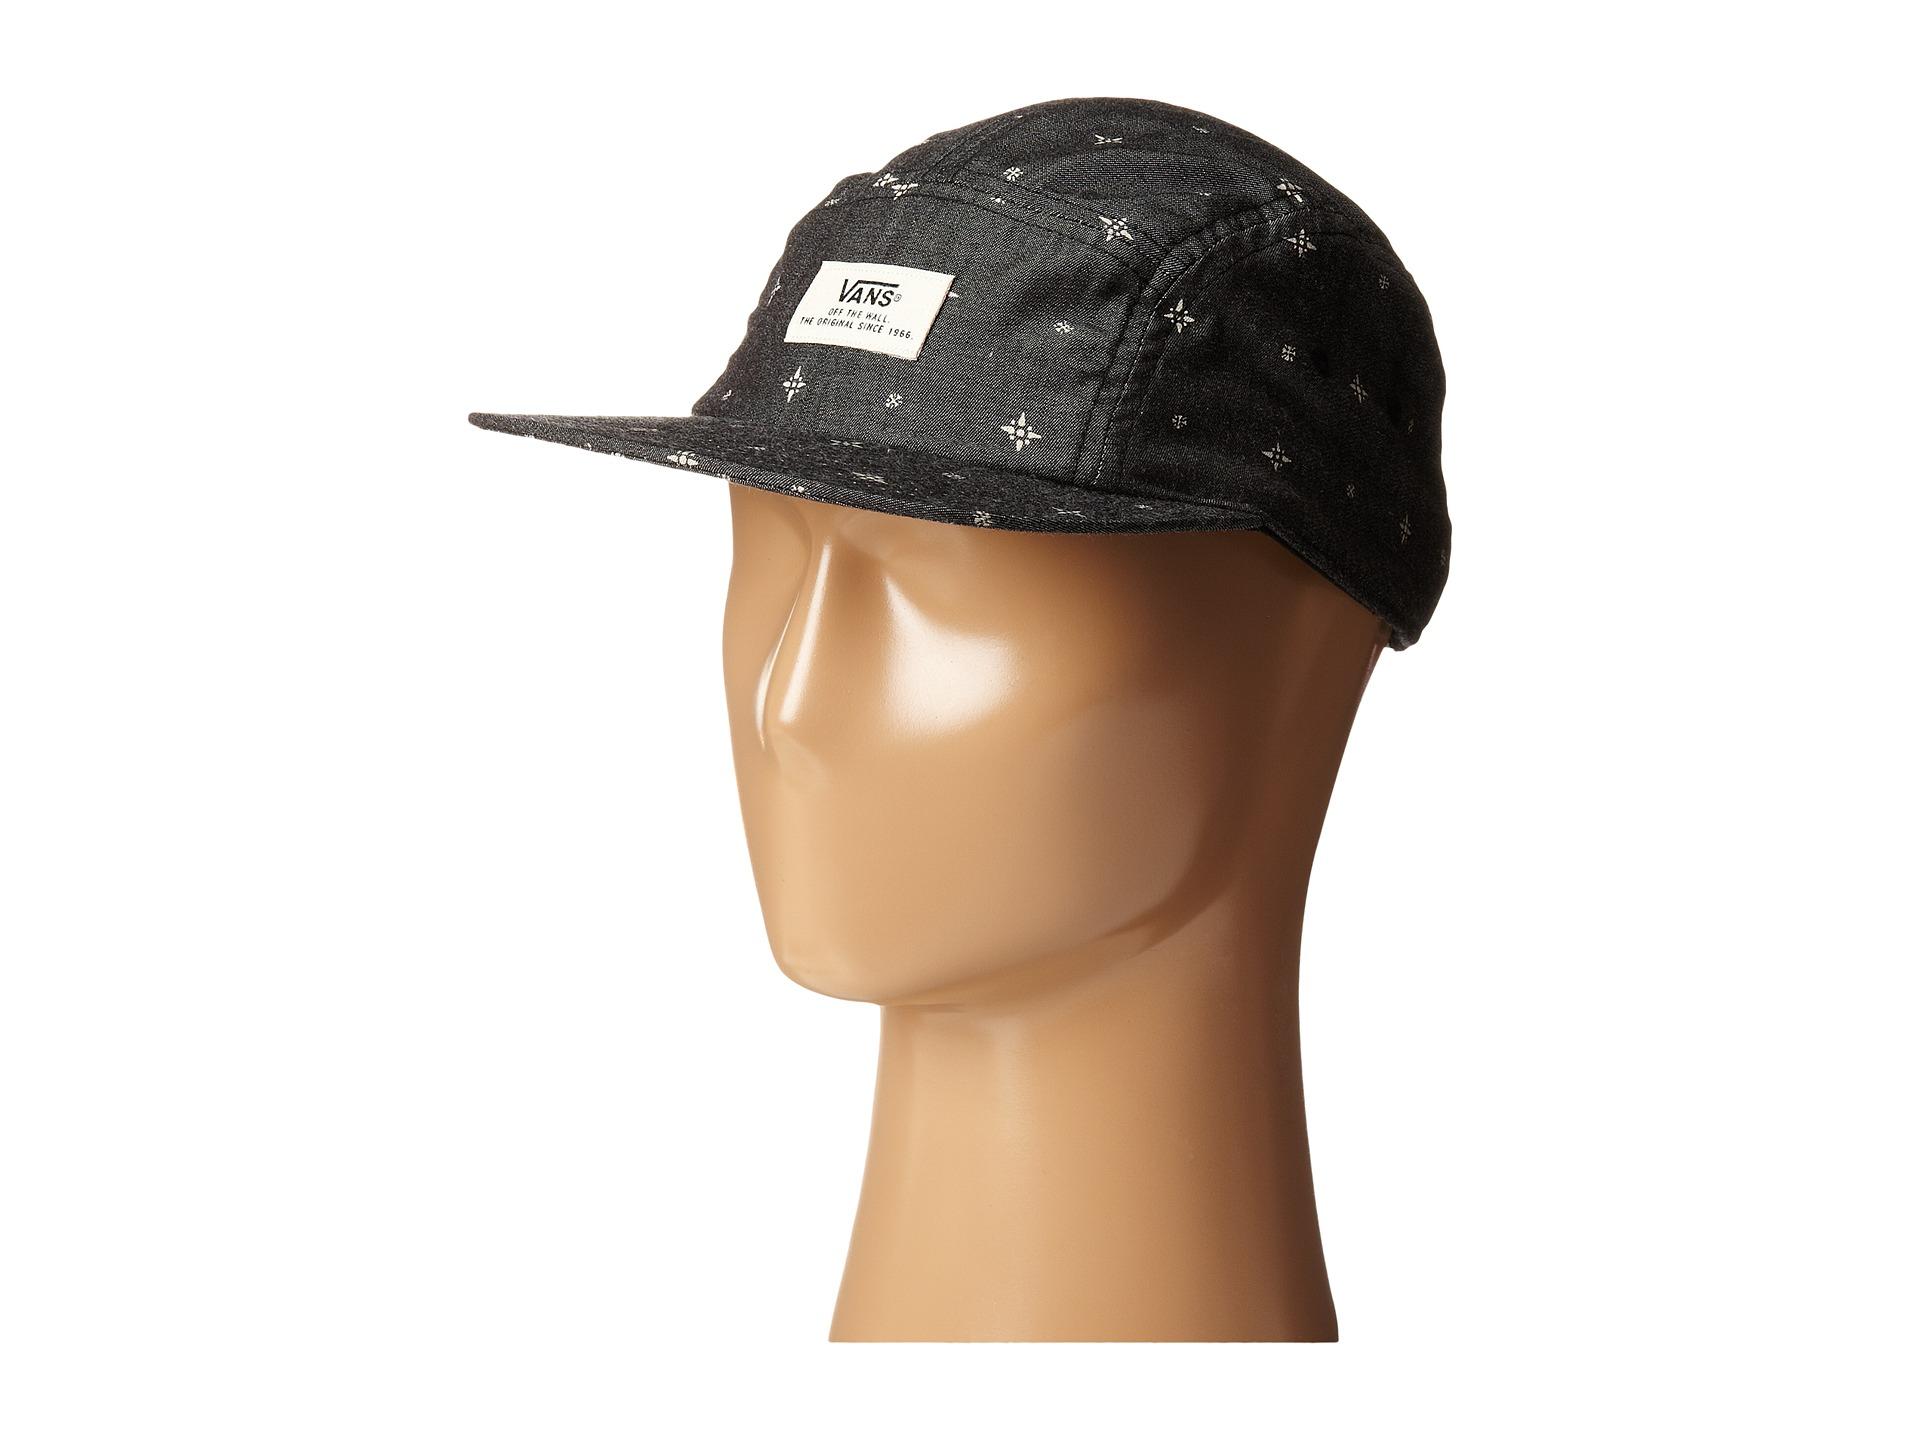 307e163fc4c Lyst - Vans Davis 5-Panel Camper Hat in Black for Men